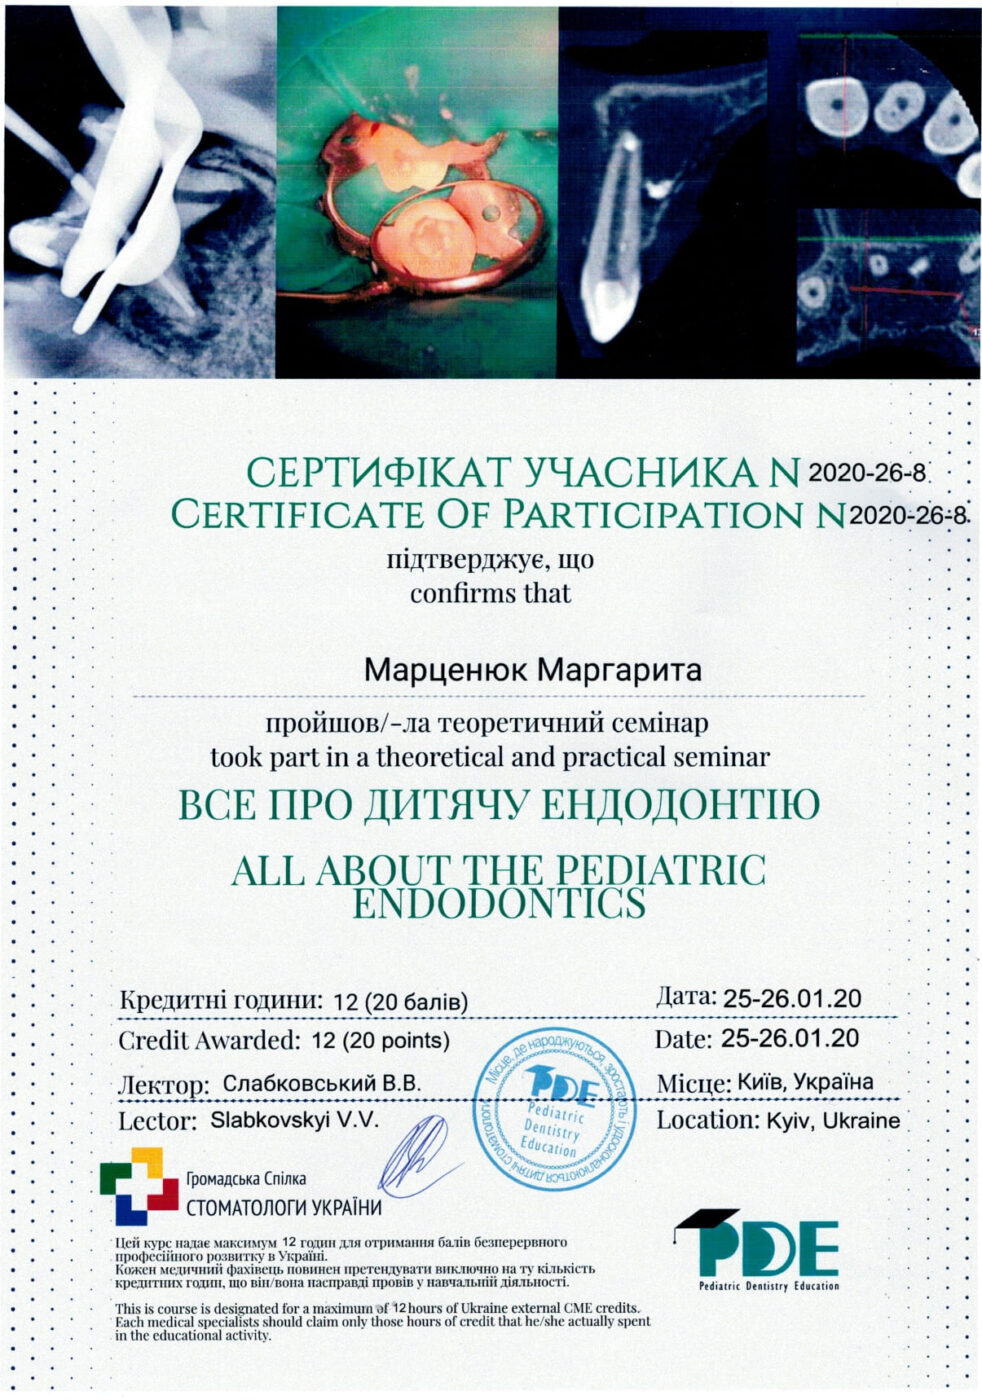 Сертификат детского стоматолога Марценюк Маргариты Игоривны об участии в семинаре (Все про дитячу ендодонтію)